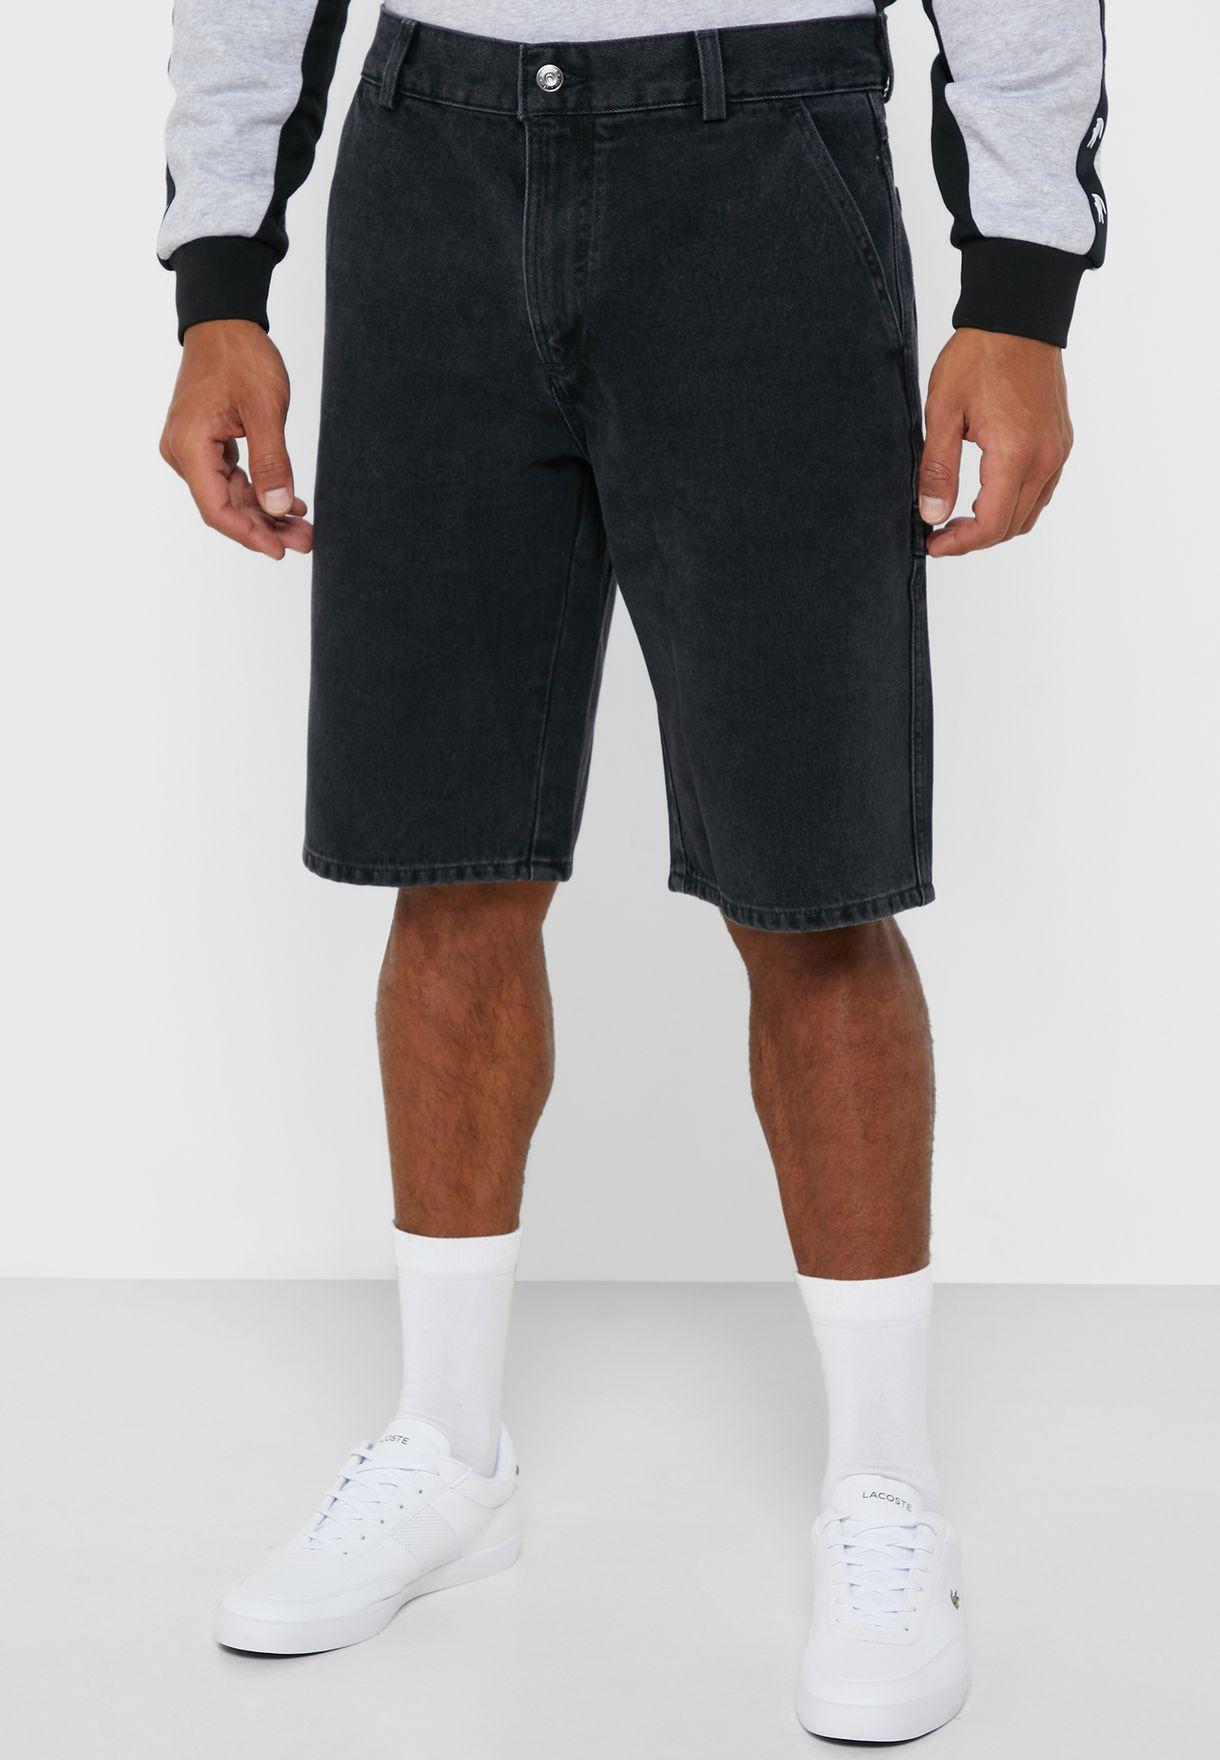 Rinse Denim Shorts